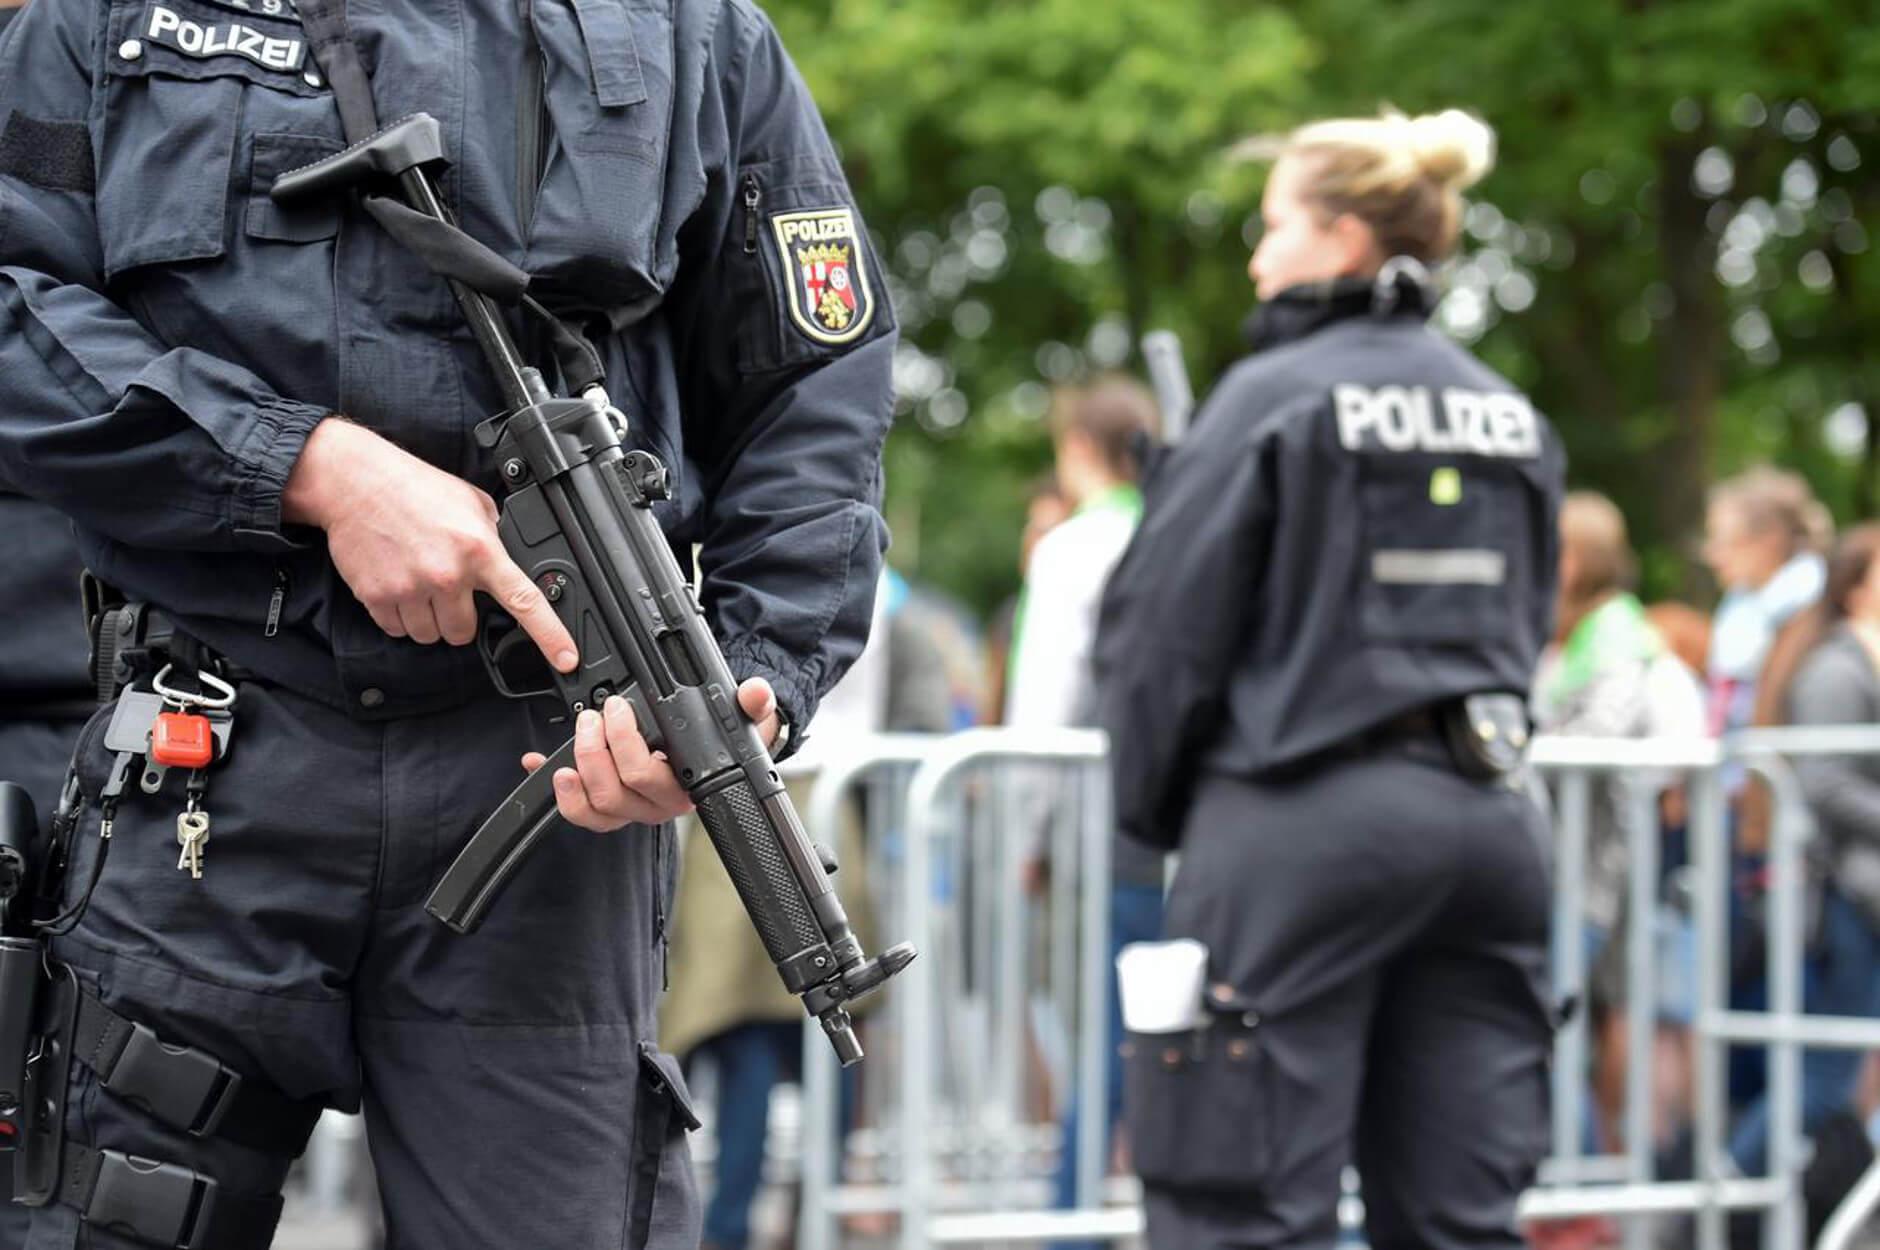 Σοκ! Δολοφονήθηκε στέλεχος του κόμματος της Μέρκελ – Μια σφαίρα στο κεφάλι